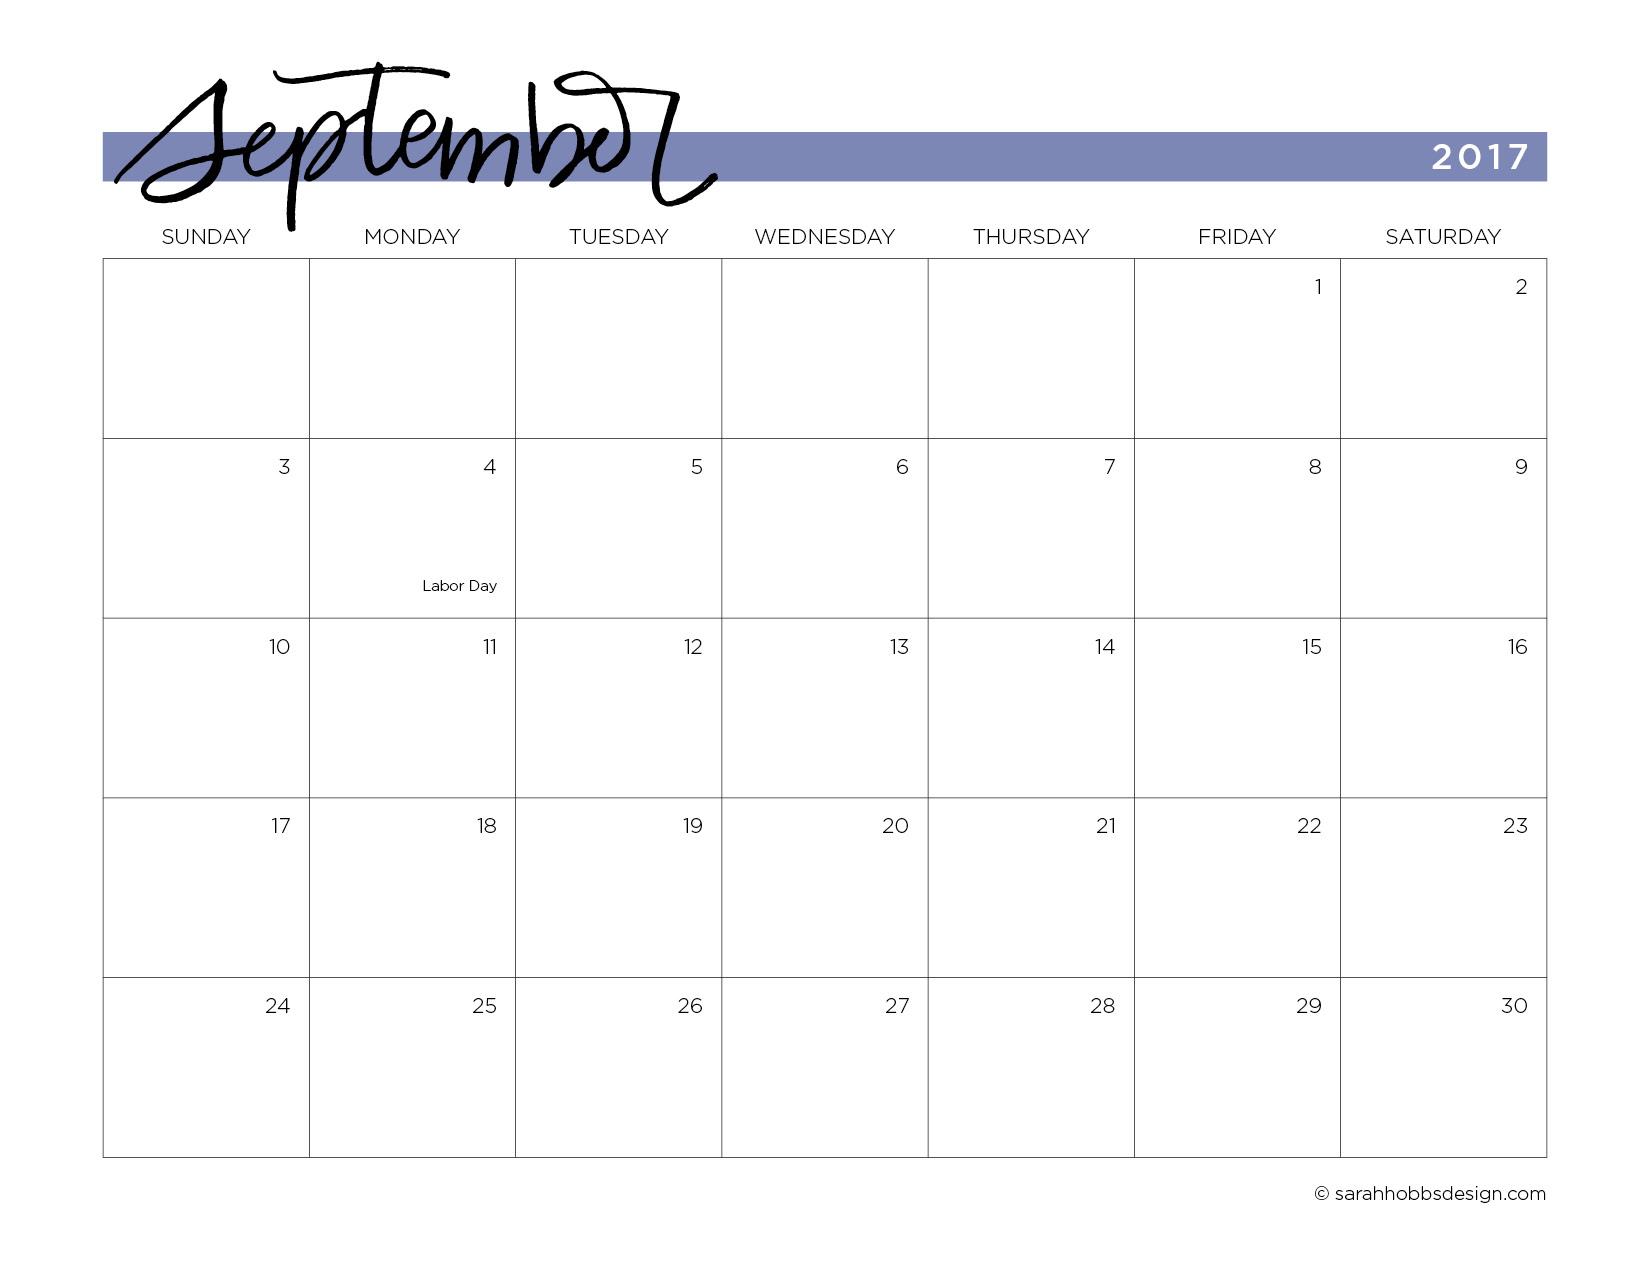 2017_Calendar9.jpg